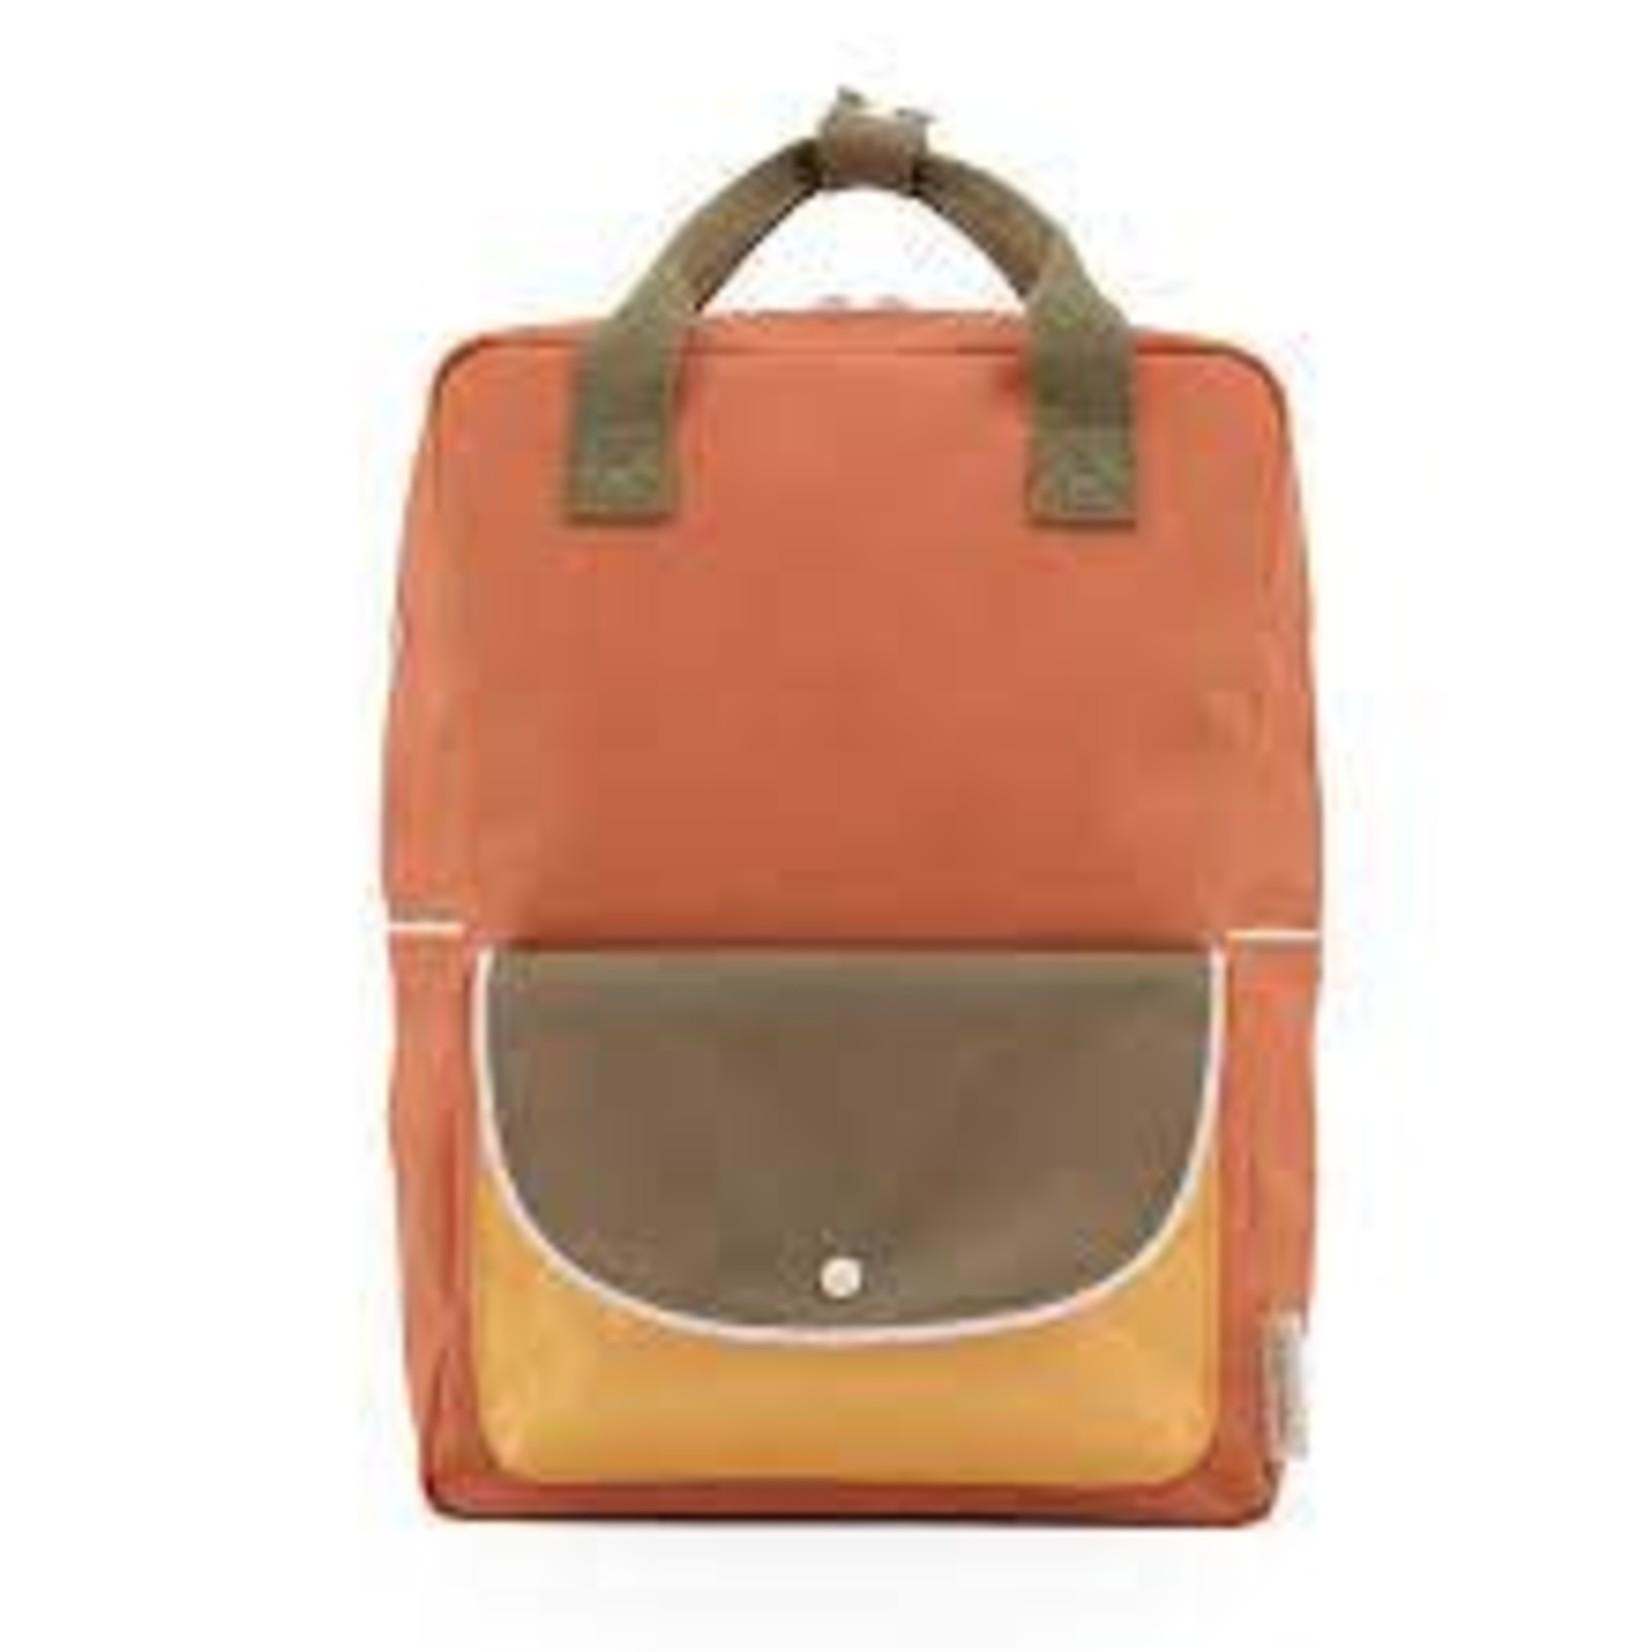 RILLA GO RILLA STICKY LEMON rugzak L faded orange